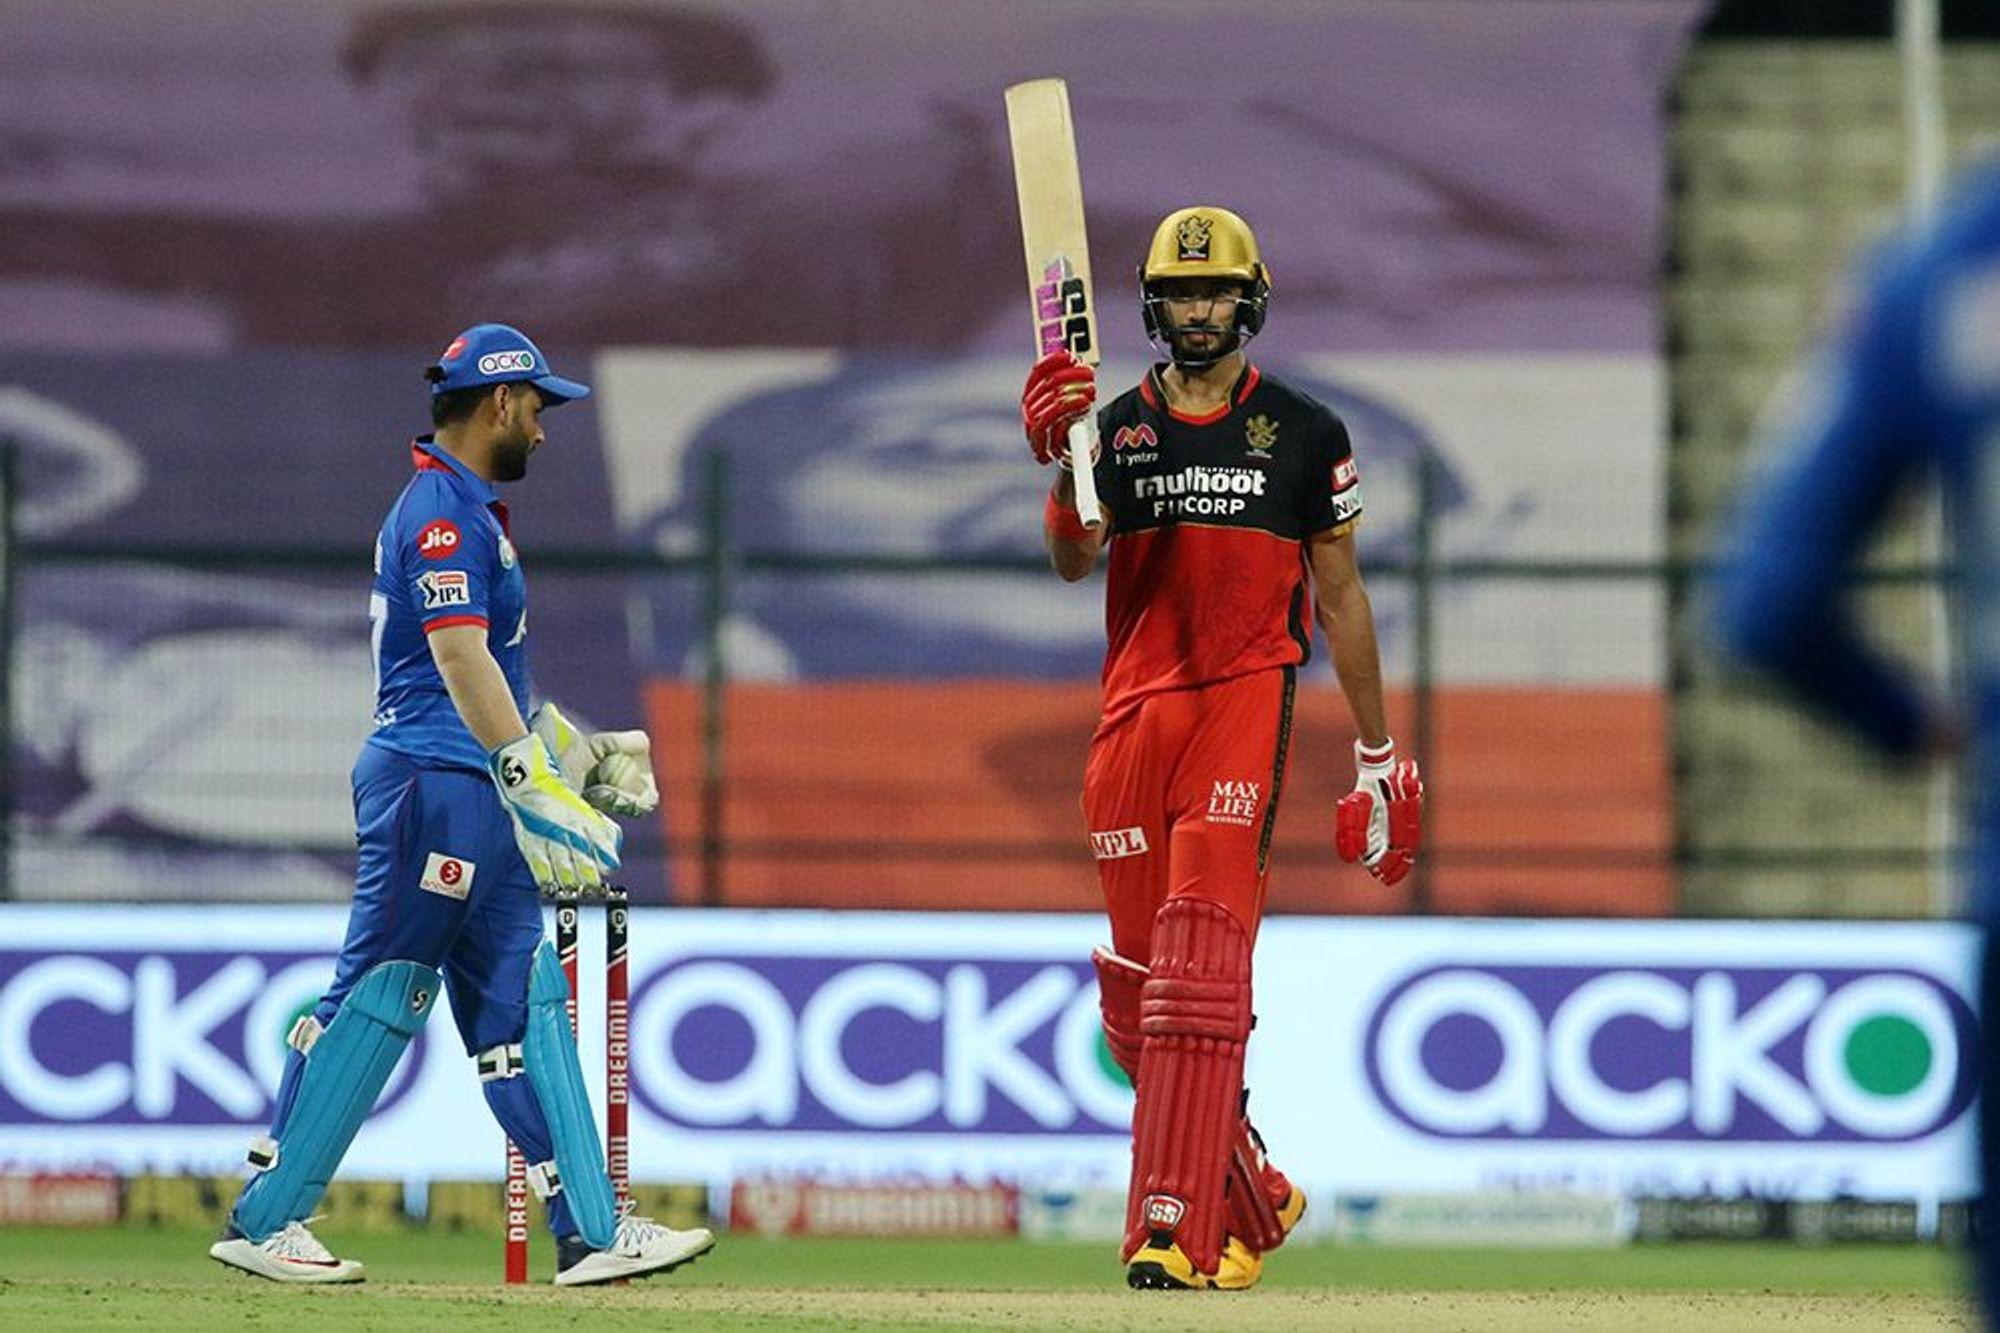 RCBvsDC: आईपीएल 2020 के 55वें मैच के बाद इन खिलाड़ियों के पास है ऑरेंज कैप और पर्पल कैप 2